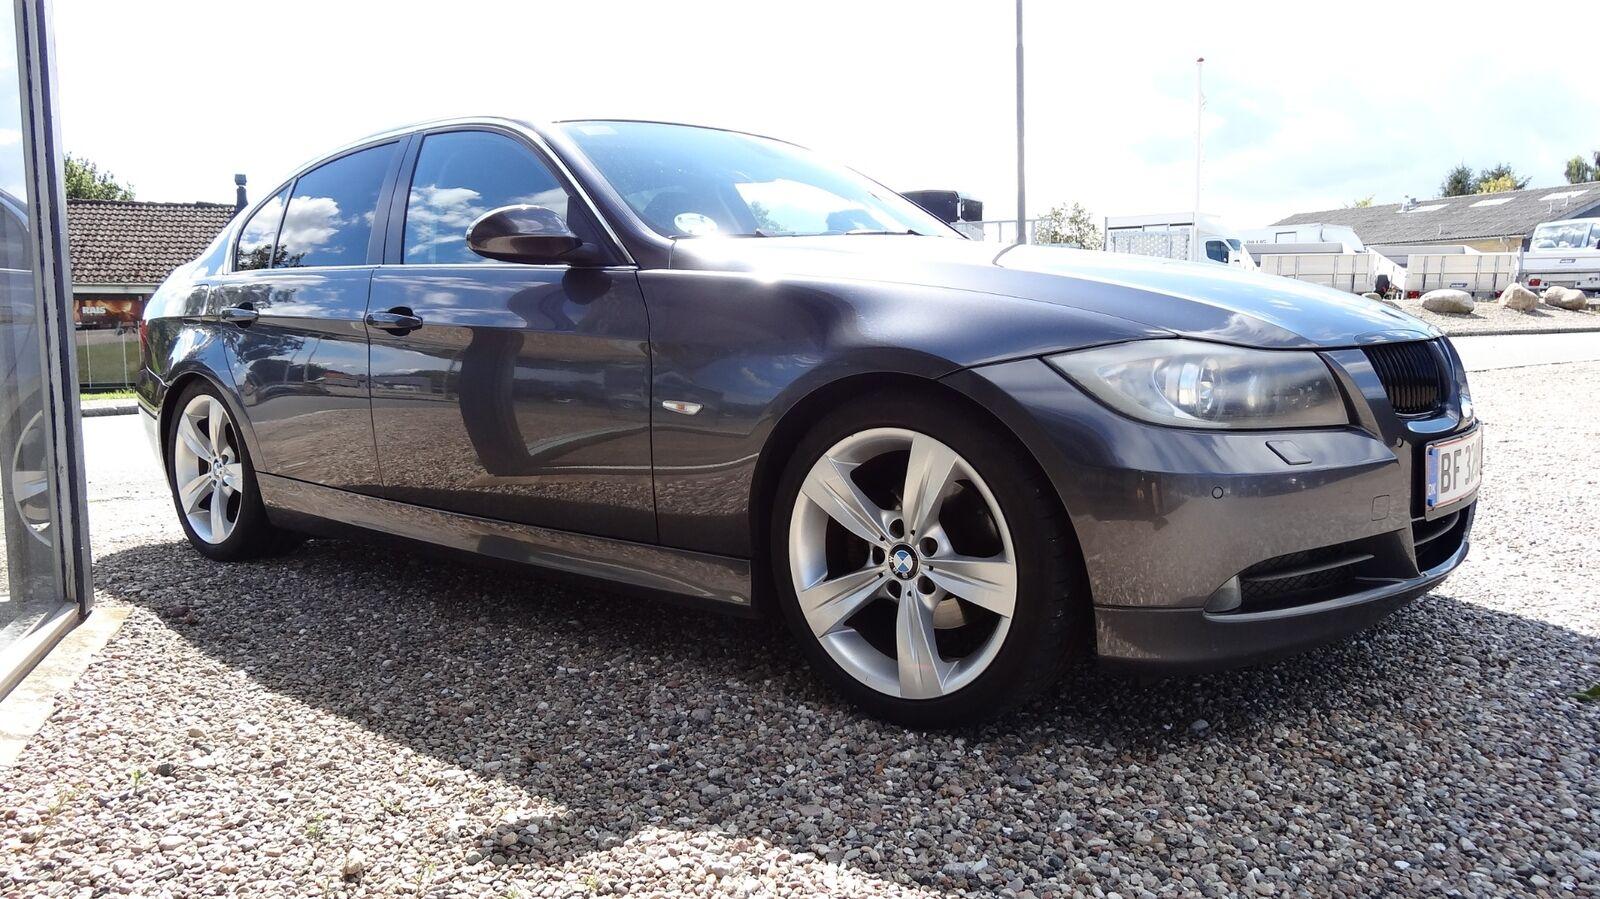 BMW 325i  2,5 Benzin 218 Hk (2005)